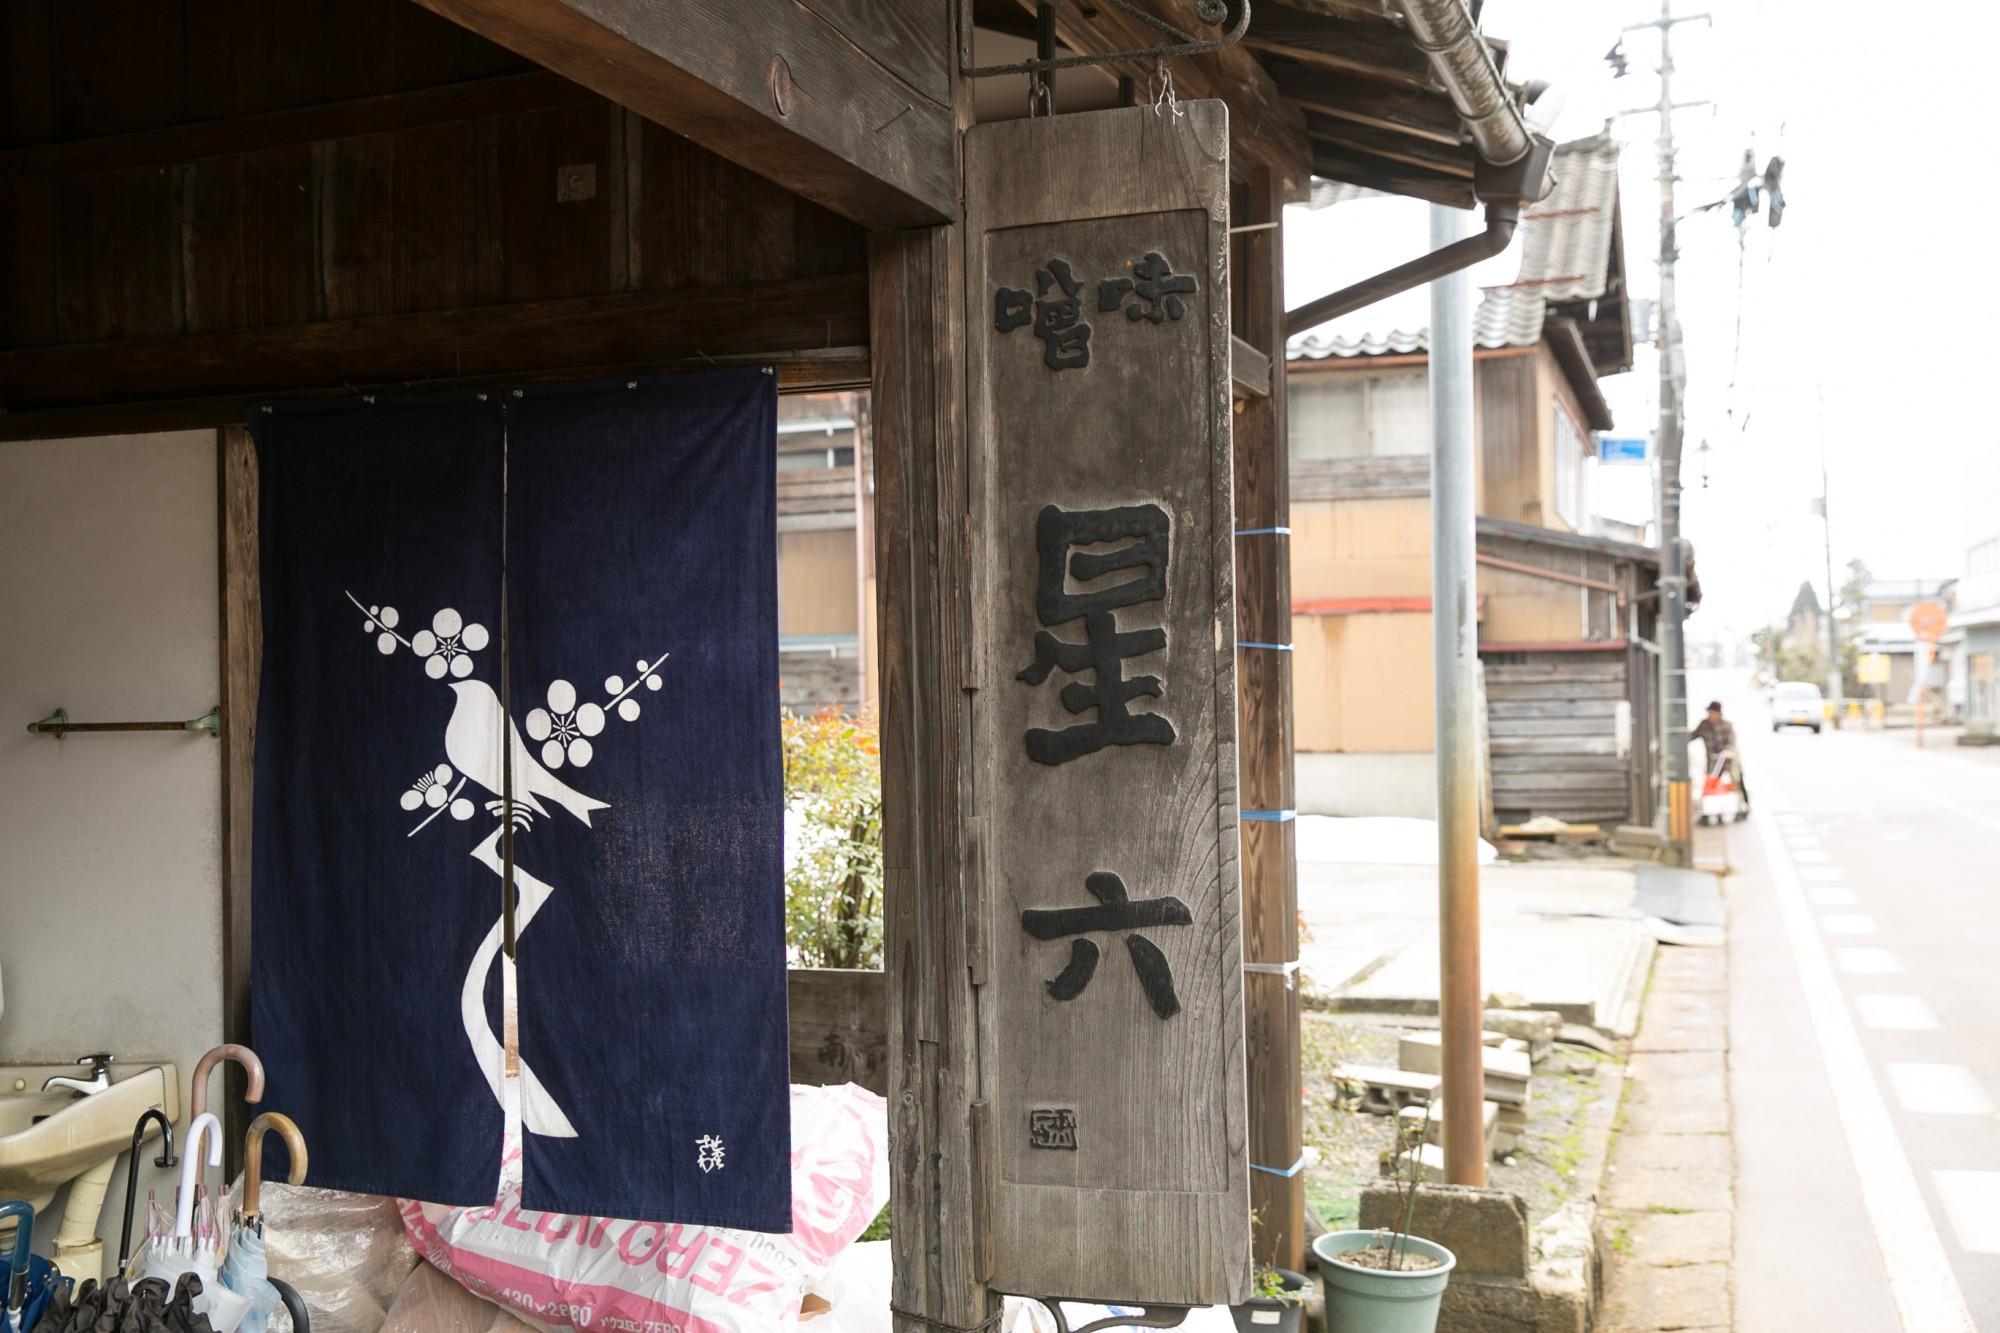 この看板の文字が洋画家・中川一政の手によるもの。店のシャッターなどにも使われ、インパクトがあります。